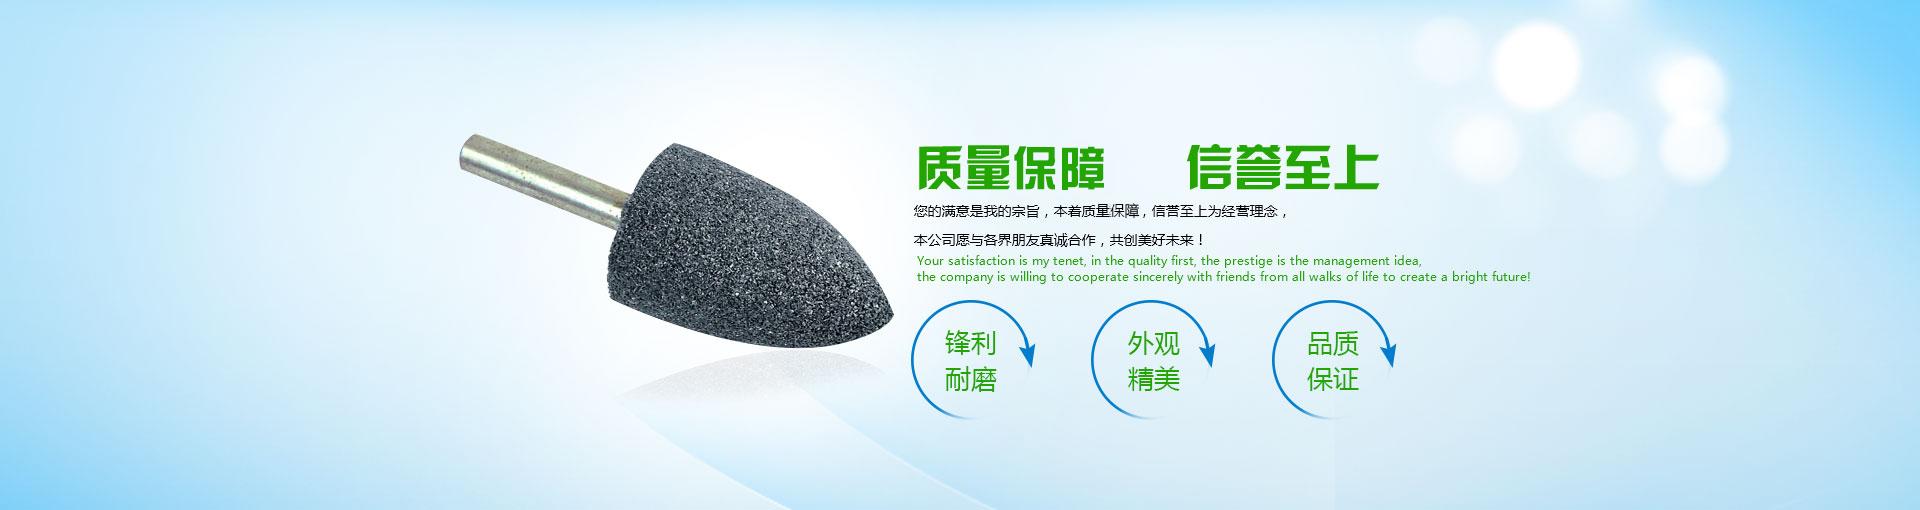 南昌文峰磨料磨具有限公司